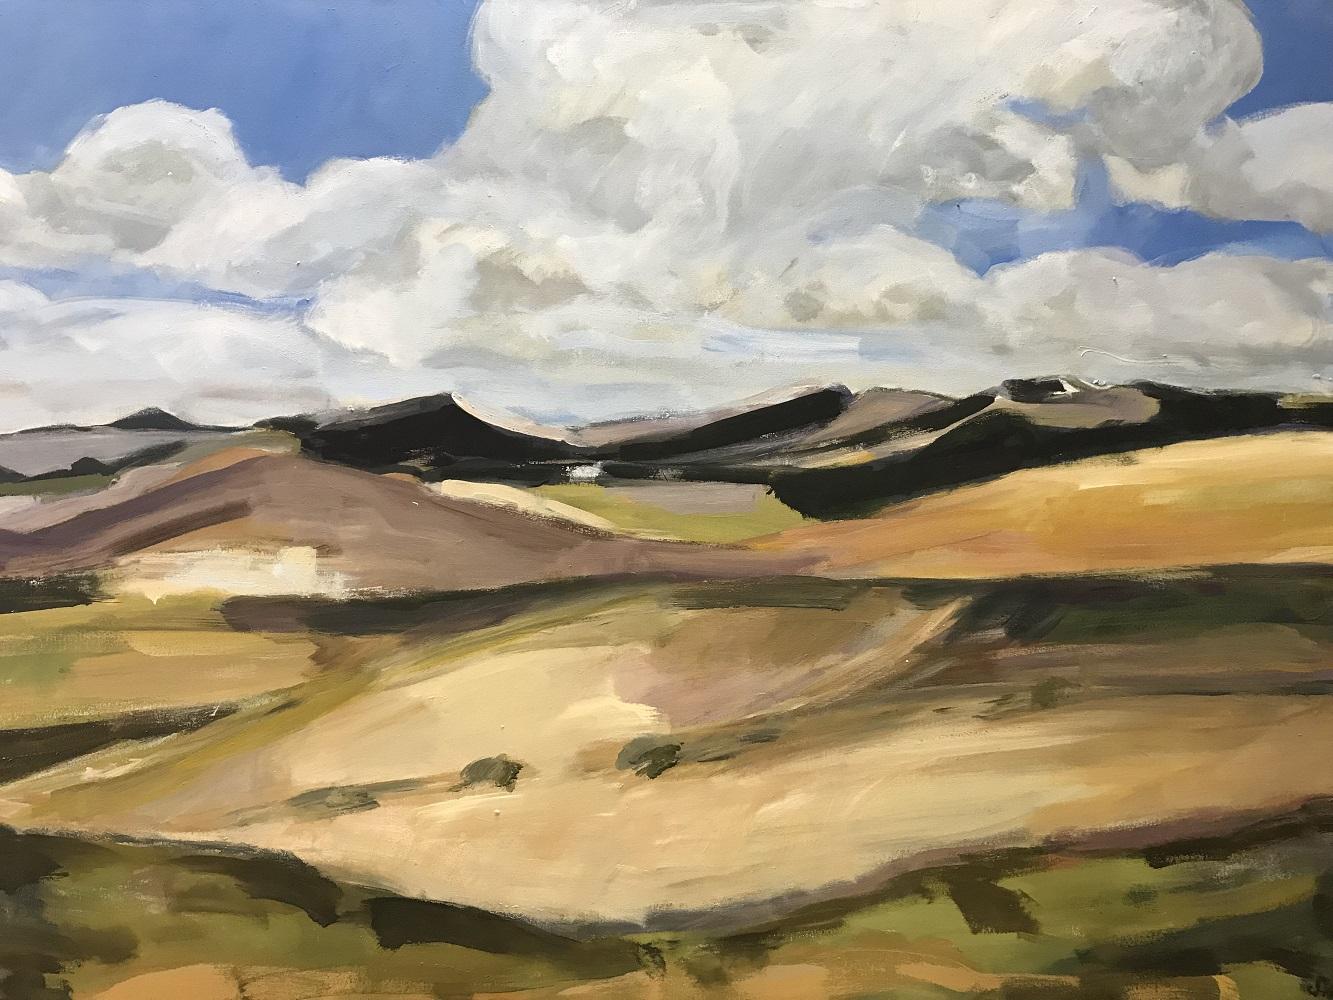 Kanarische Vulkanlandschaft 01, 2018, Mischtechnik-Leinwand, 90 x 130 cm